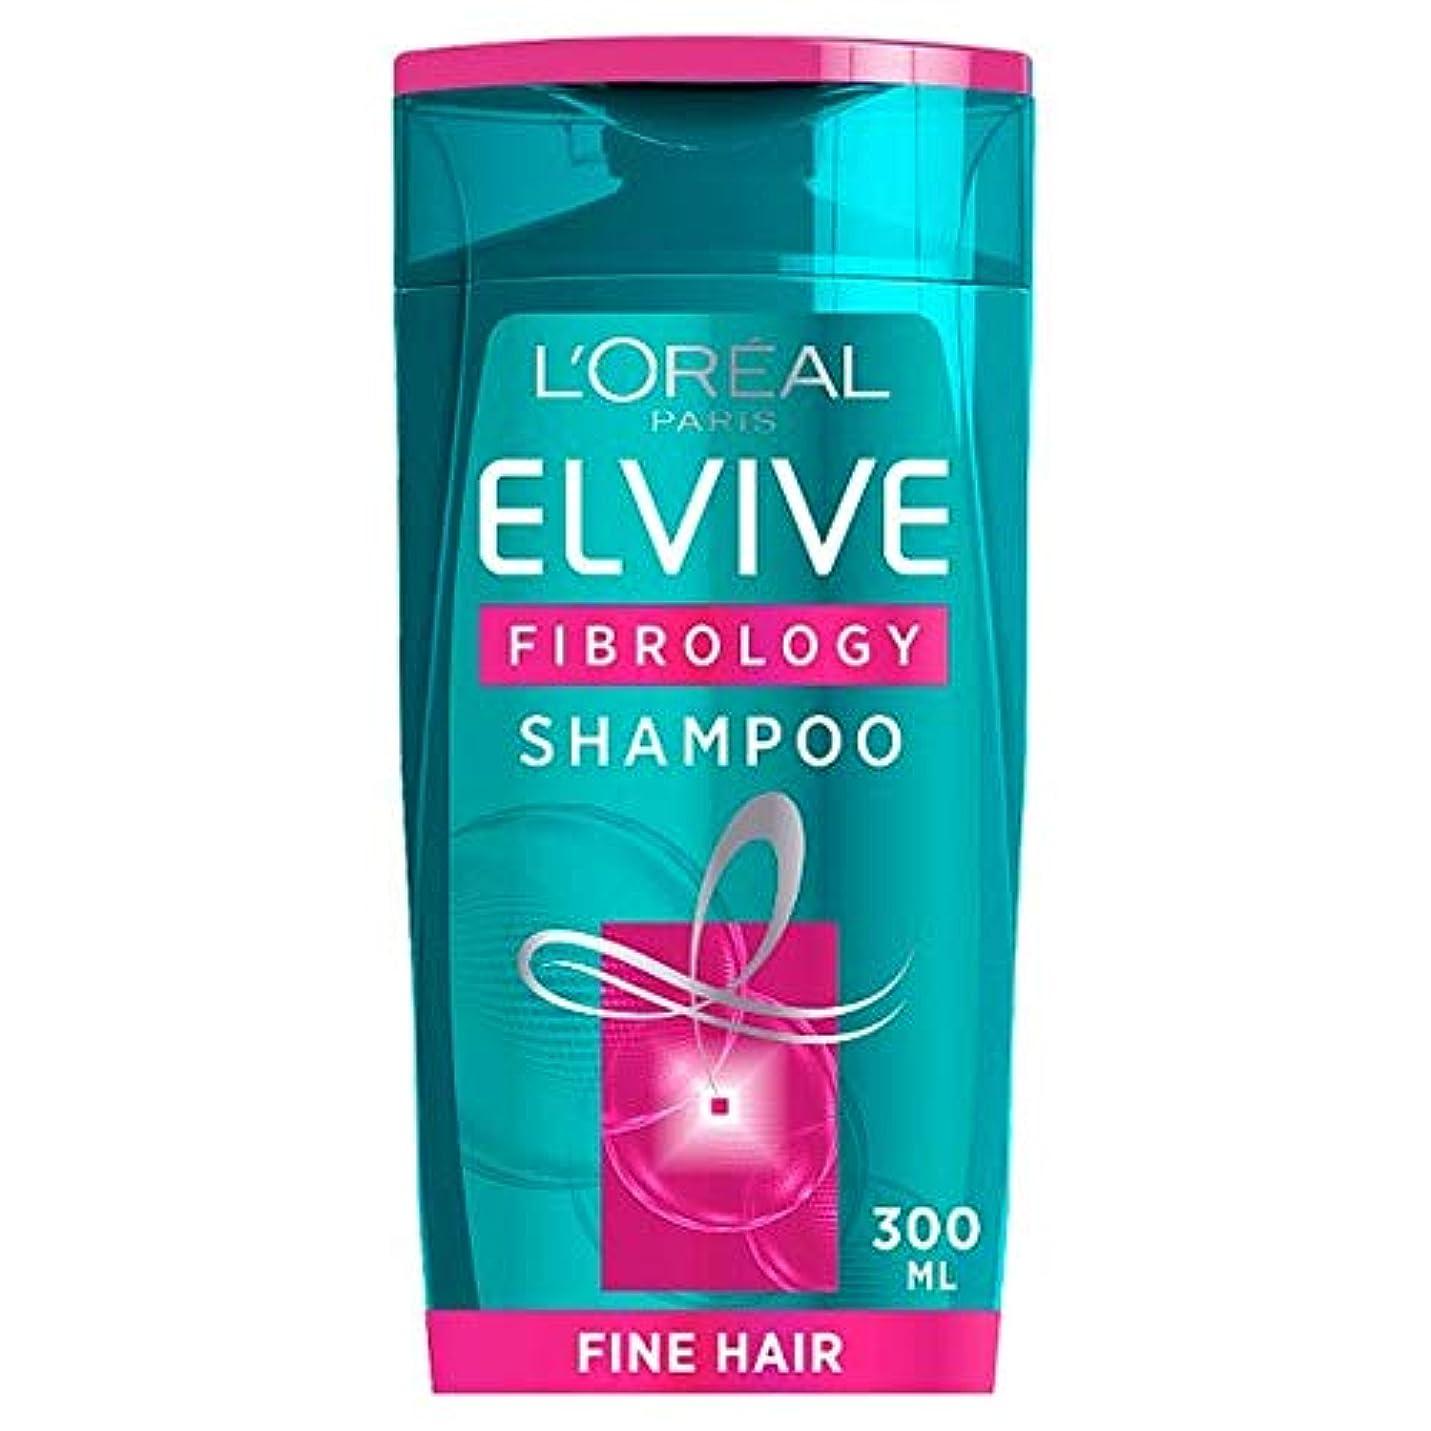 ネックレスやさしく確実[Elvive] ロレアルElvive細い髪肥厚シャンプー300ミリリットル - L'oreal Elvive Fine Hair Thickening Shampoo 300Ml [並行輸入品]